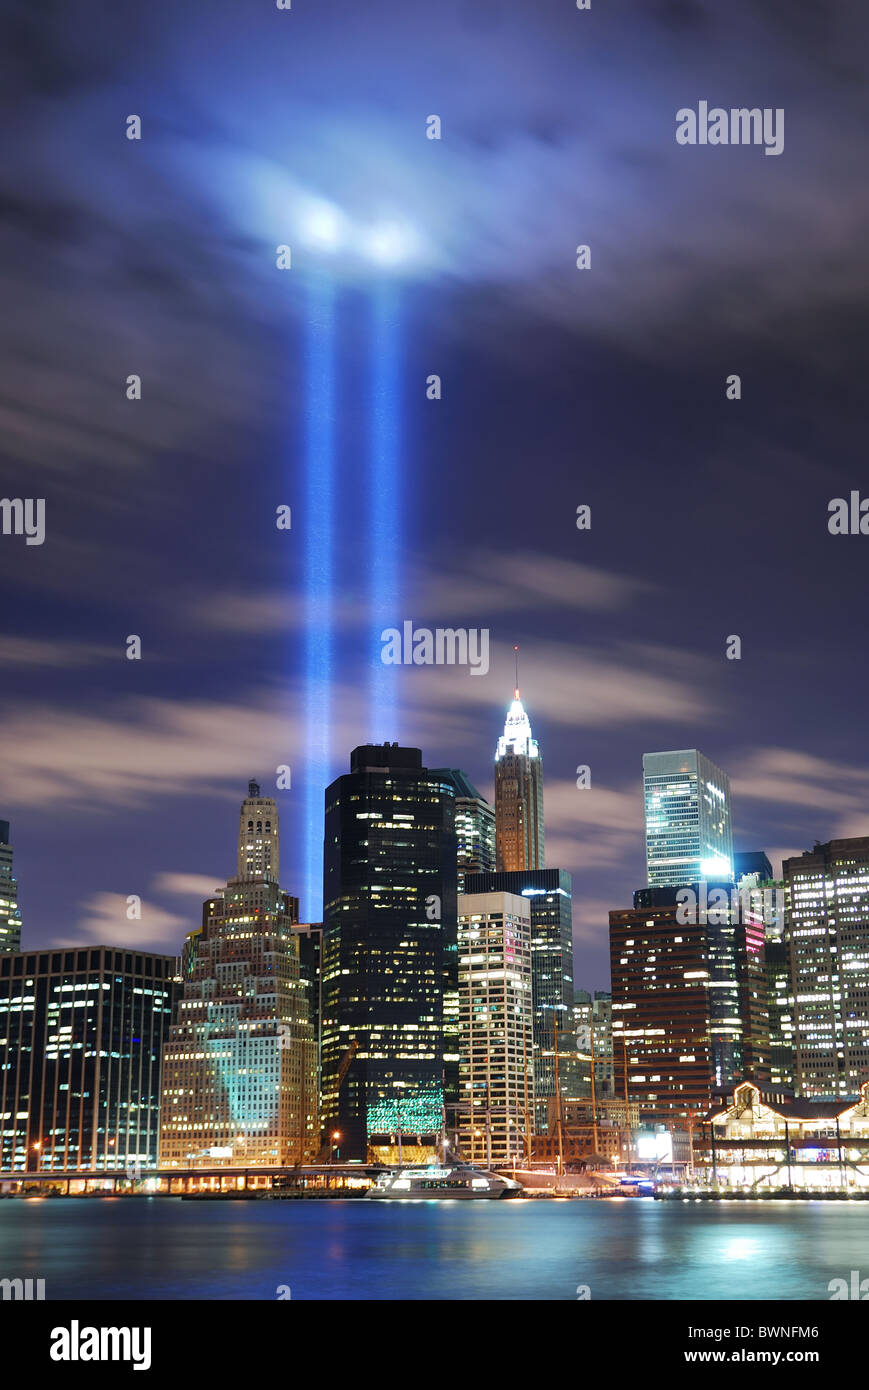 New York City Manhattan vue panoramique de nuit avec des toits de gratte-ciel de bureaux allumés sur Hudson Photo Stock